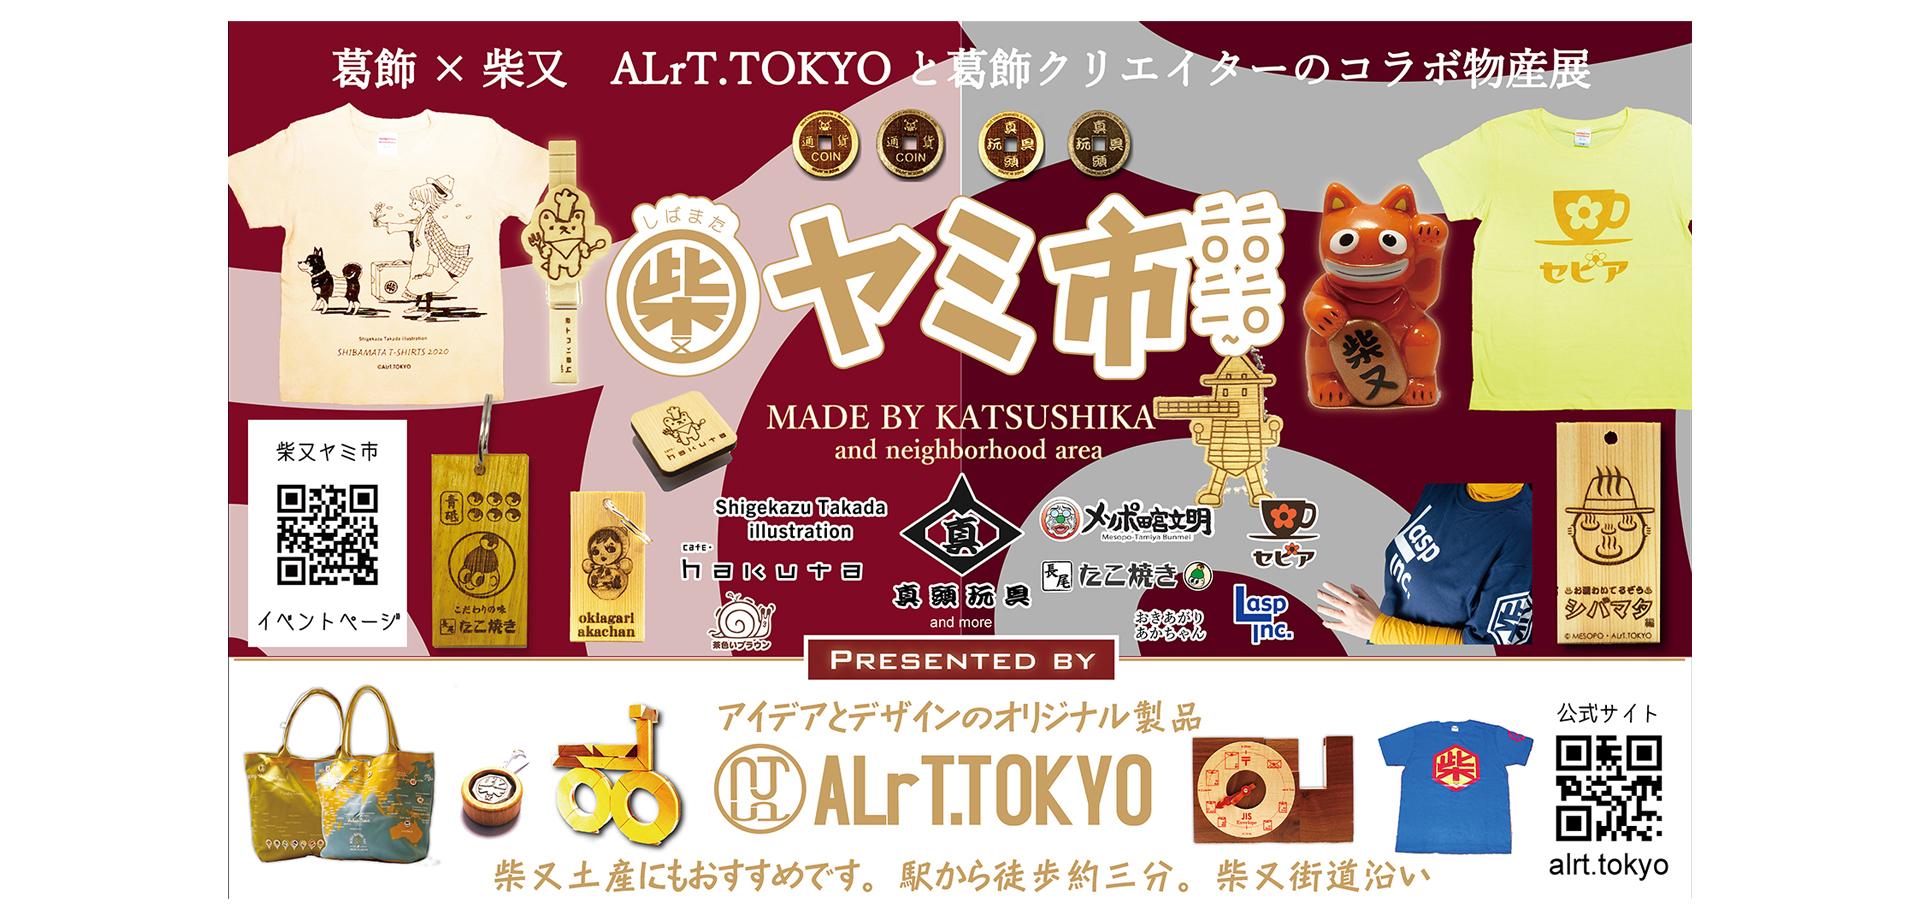 葛飾コラボ・地場産クリエイター物産展「柴又ヤミ市」